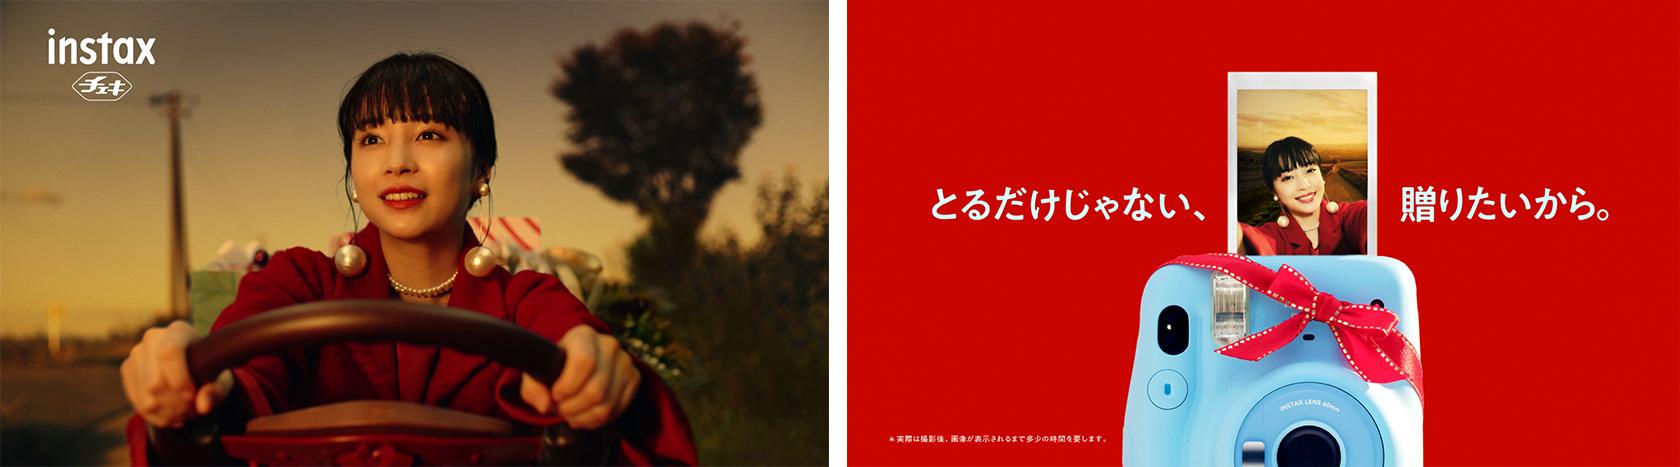 """[画像]instax""""チェキ""""TVCM「クリスマスプレゼント」篇"""